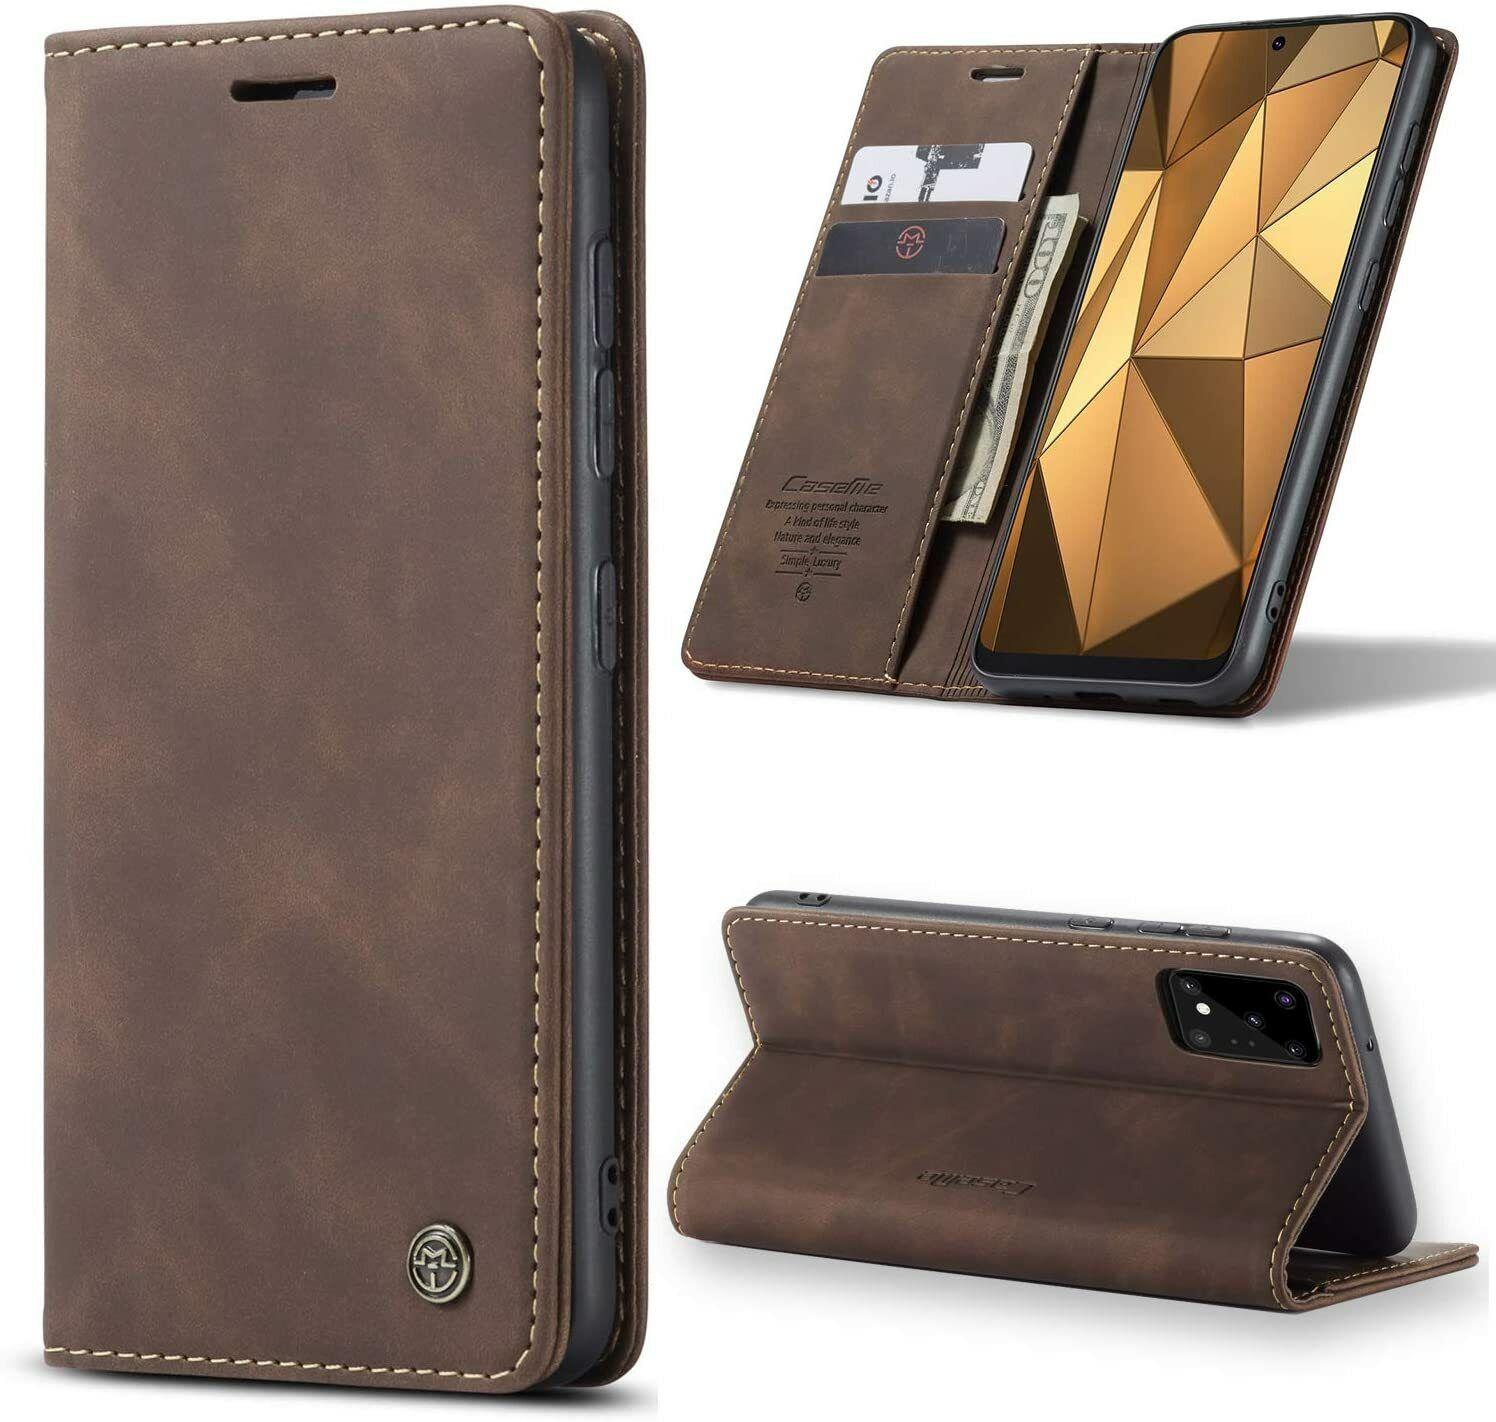 Hülle Samsung Galaxy A51 Galaxy A71 Magnet Leder Handy Tasche Schutzhülle Case